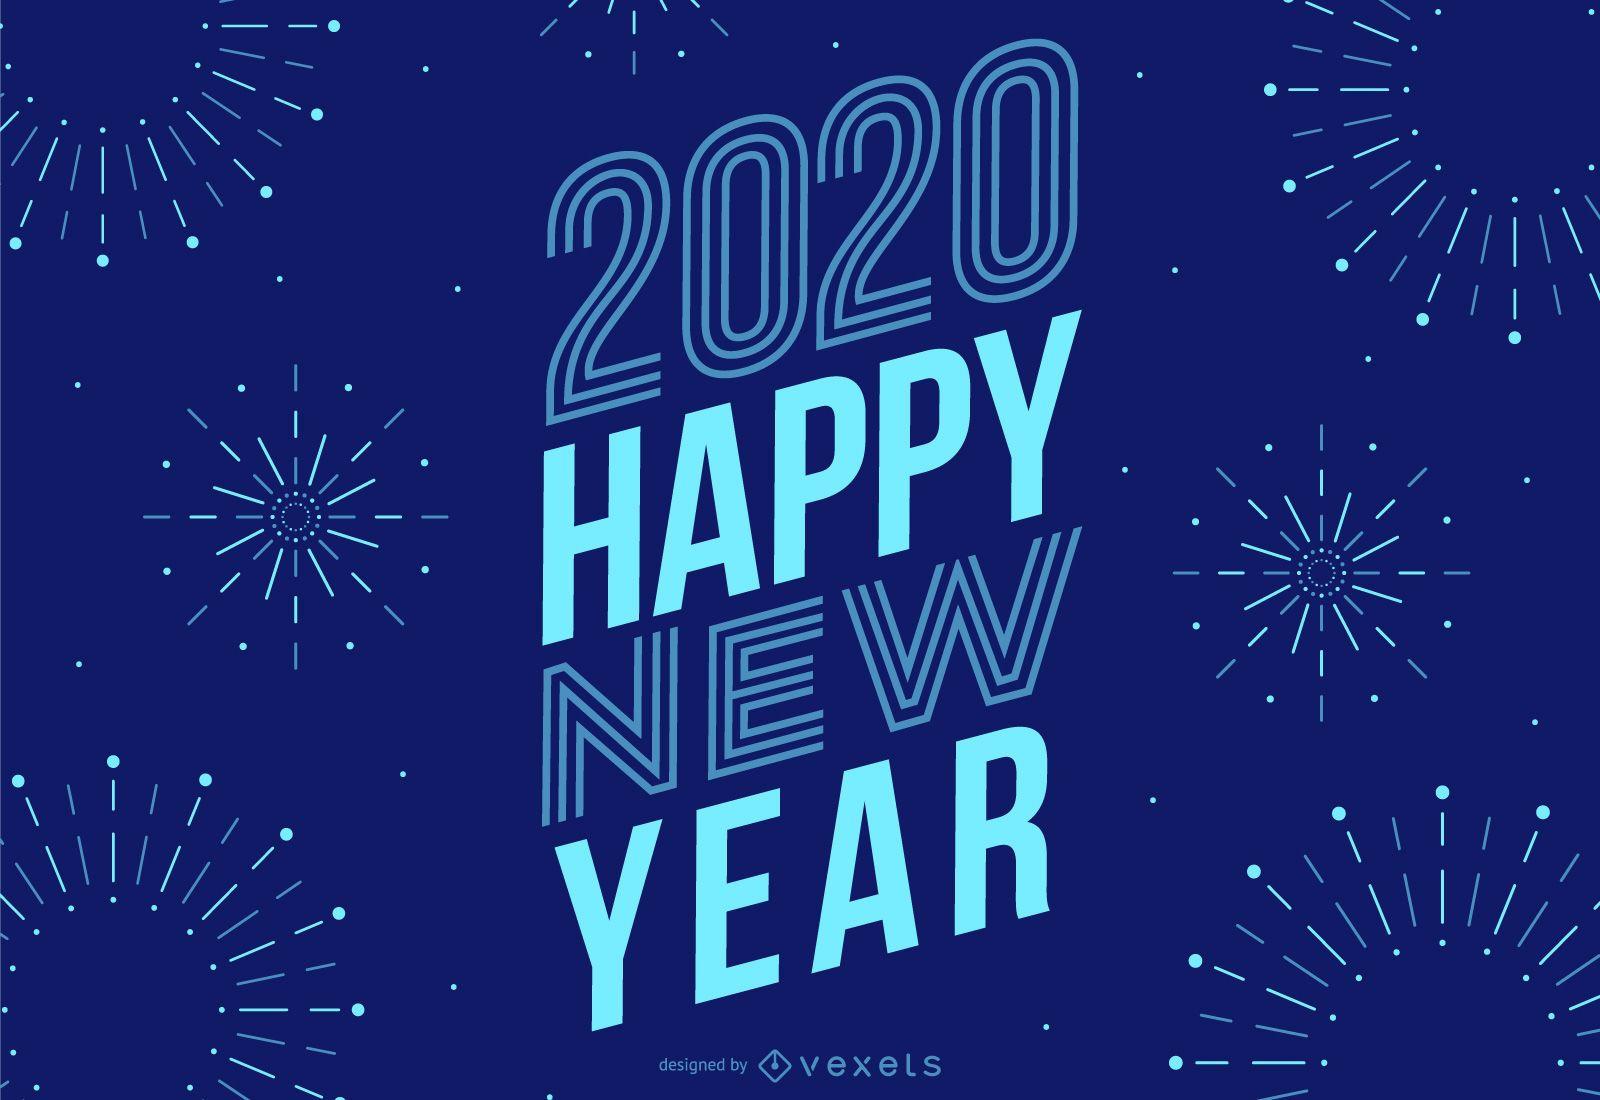 Letras de fuegos artificiales de año nuevo 2020